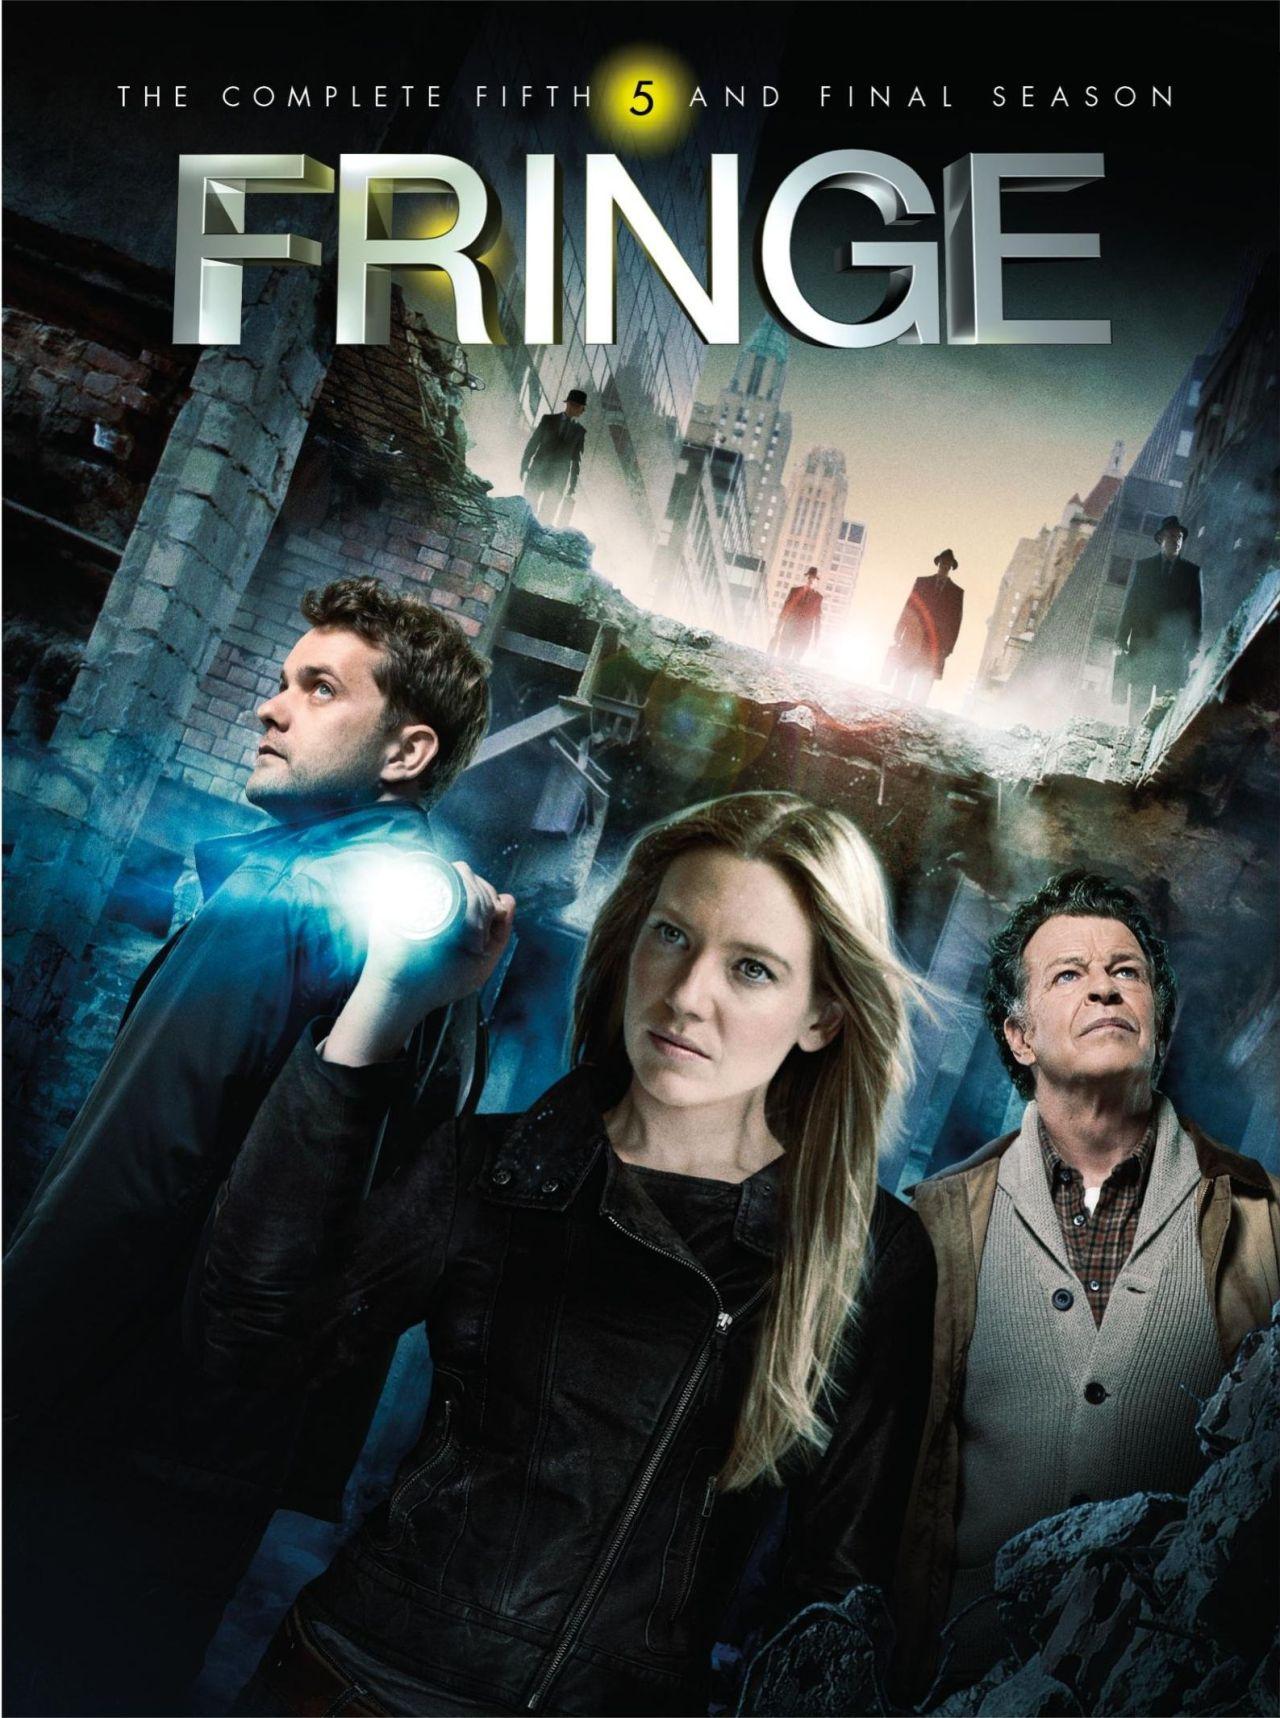 fringe season 5 cover